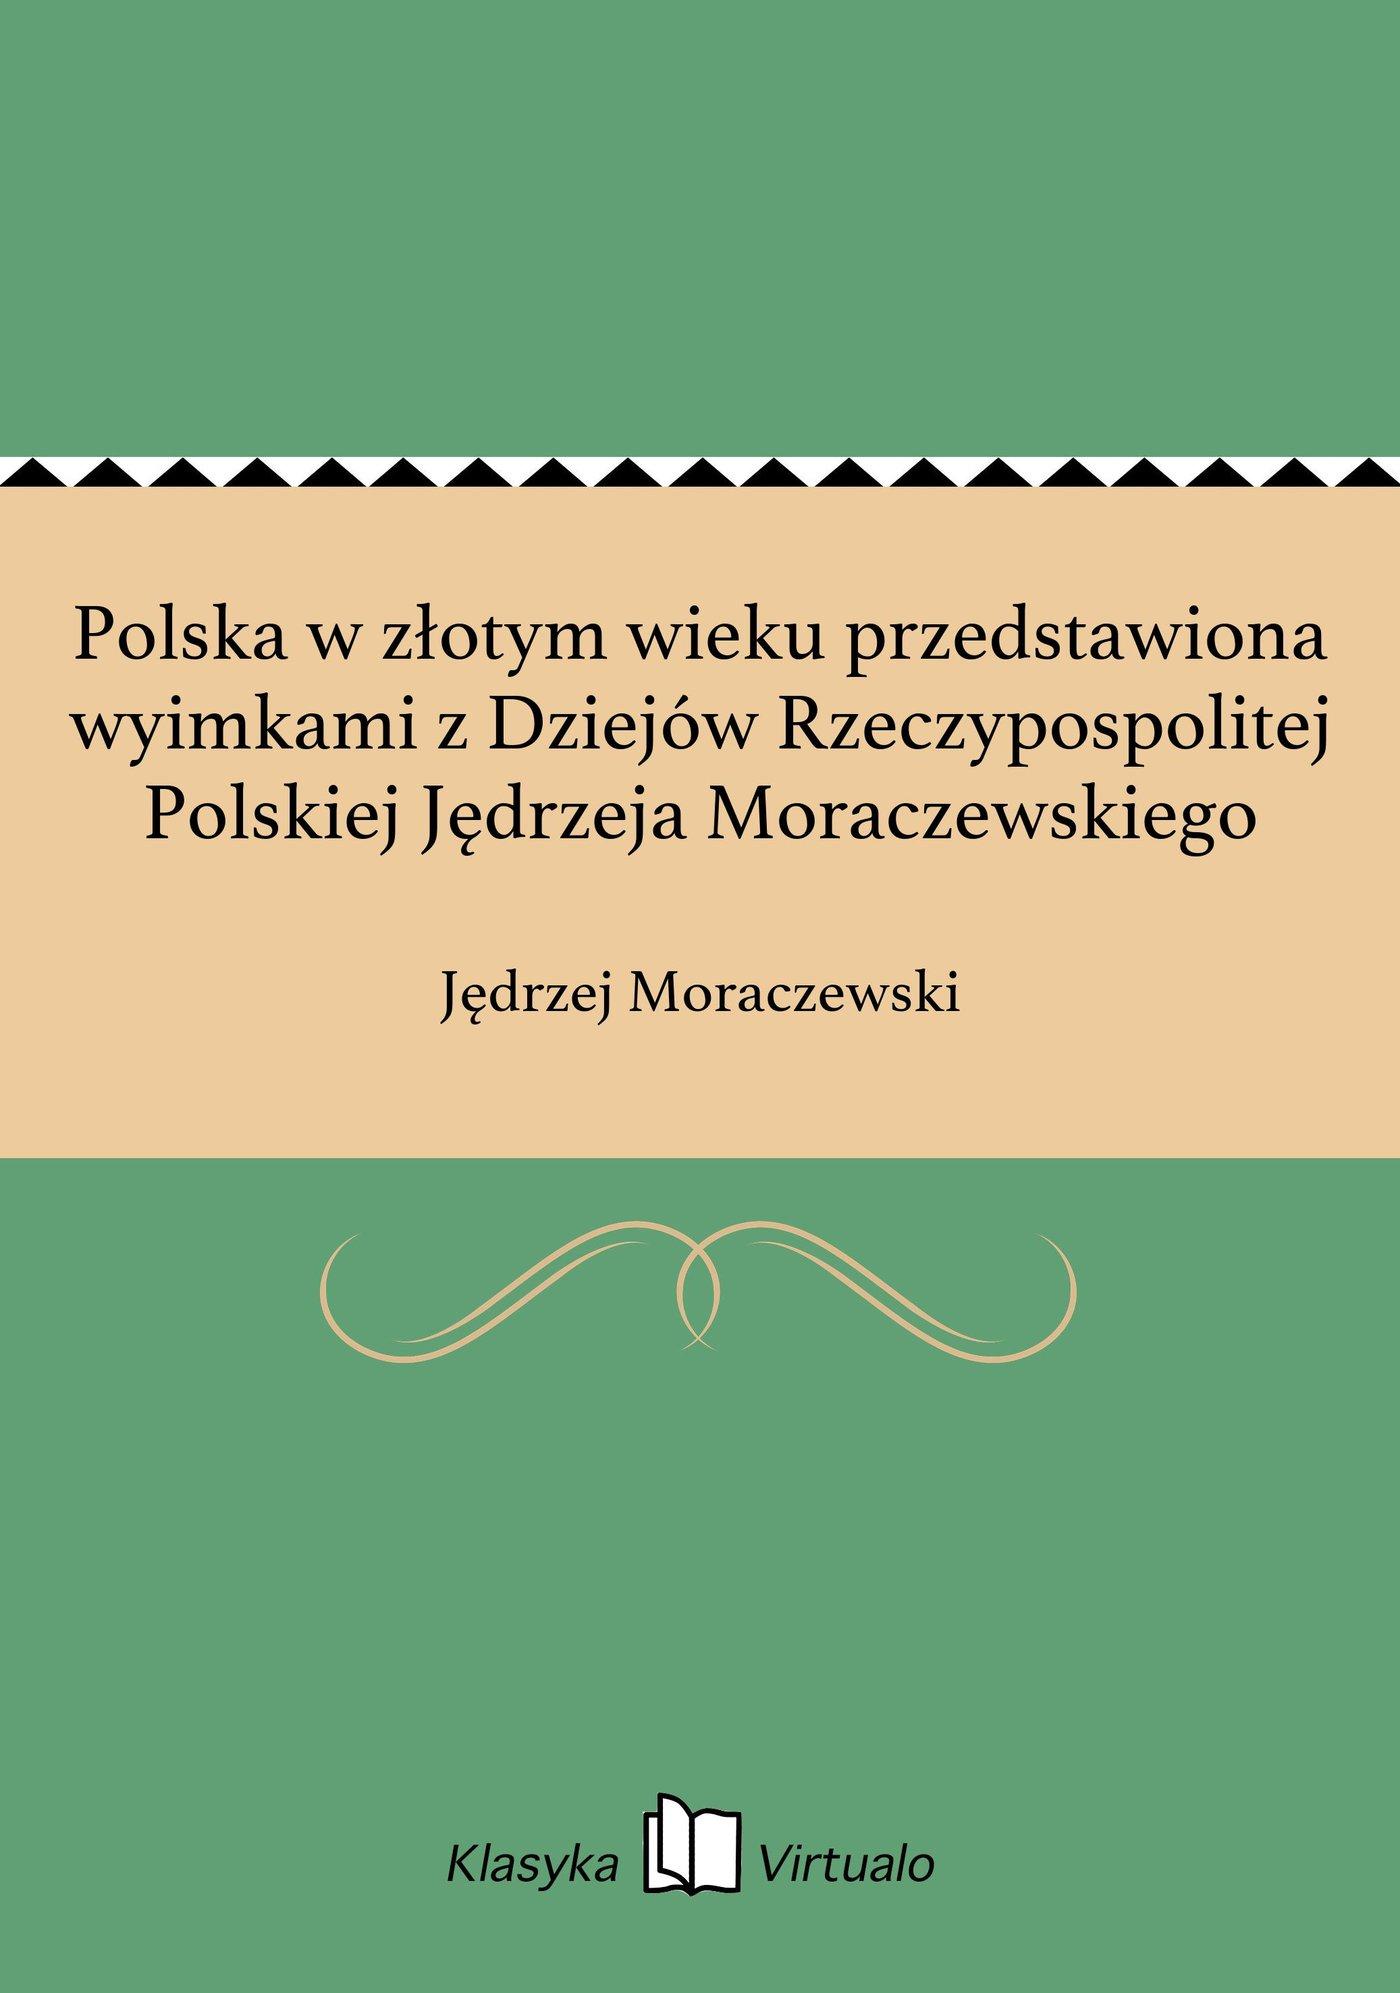 Polska w złotym wieku przedstawiona wyimkami z Dziejów Rzeczypospolitej Polskiej Jędrzeja Moraczewskiego - Ebook (Książka EPUB) do pobrania w formacie EPUB